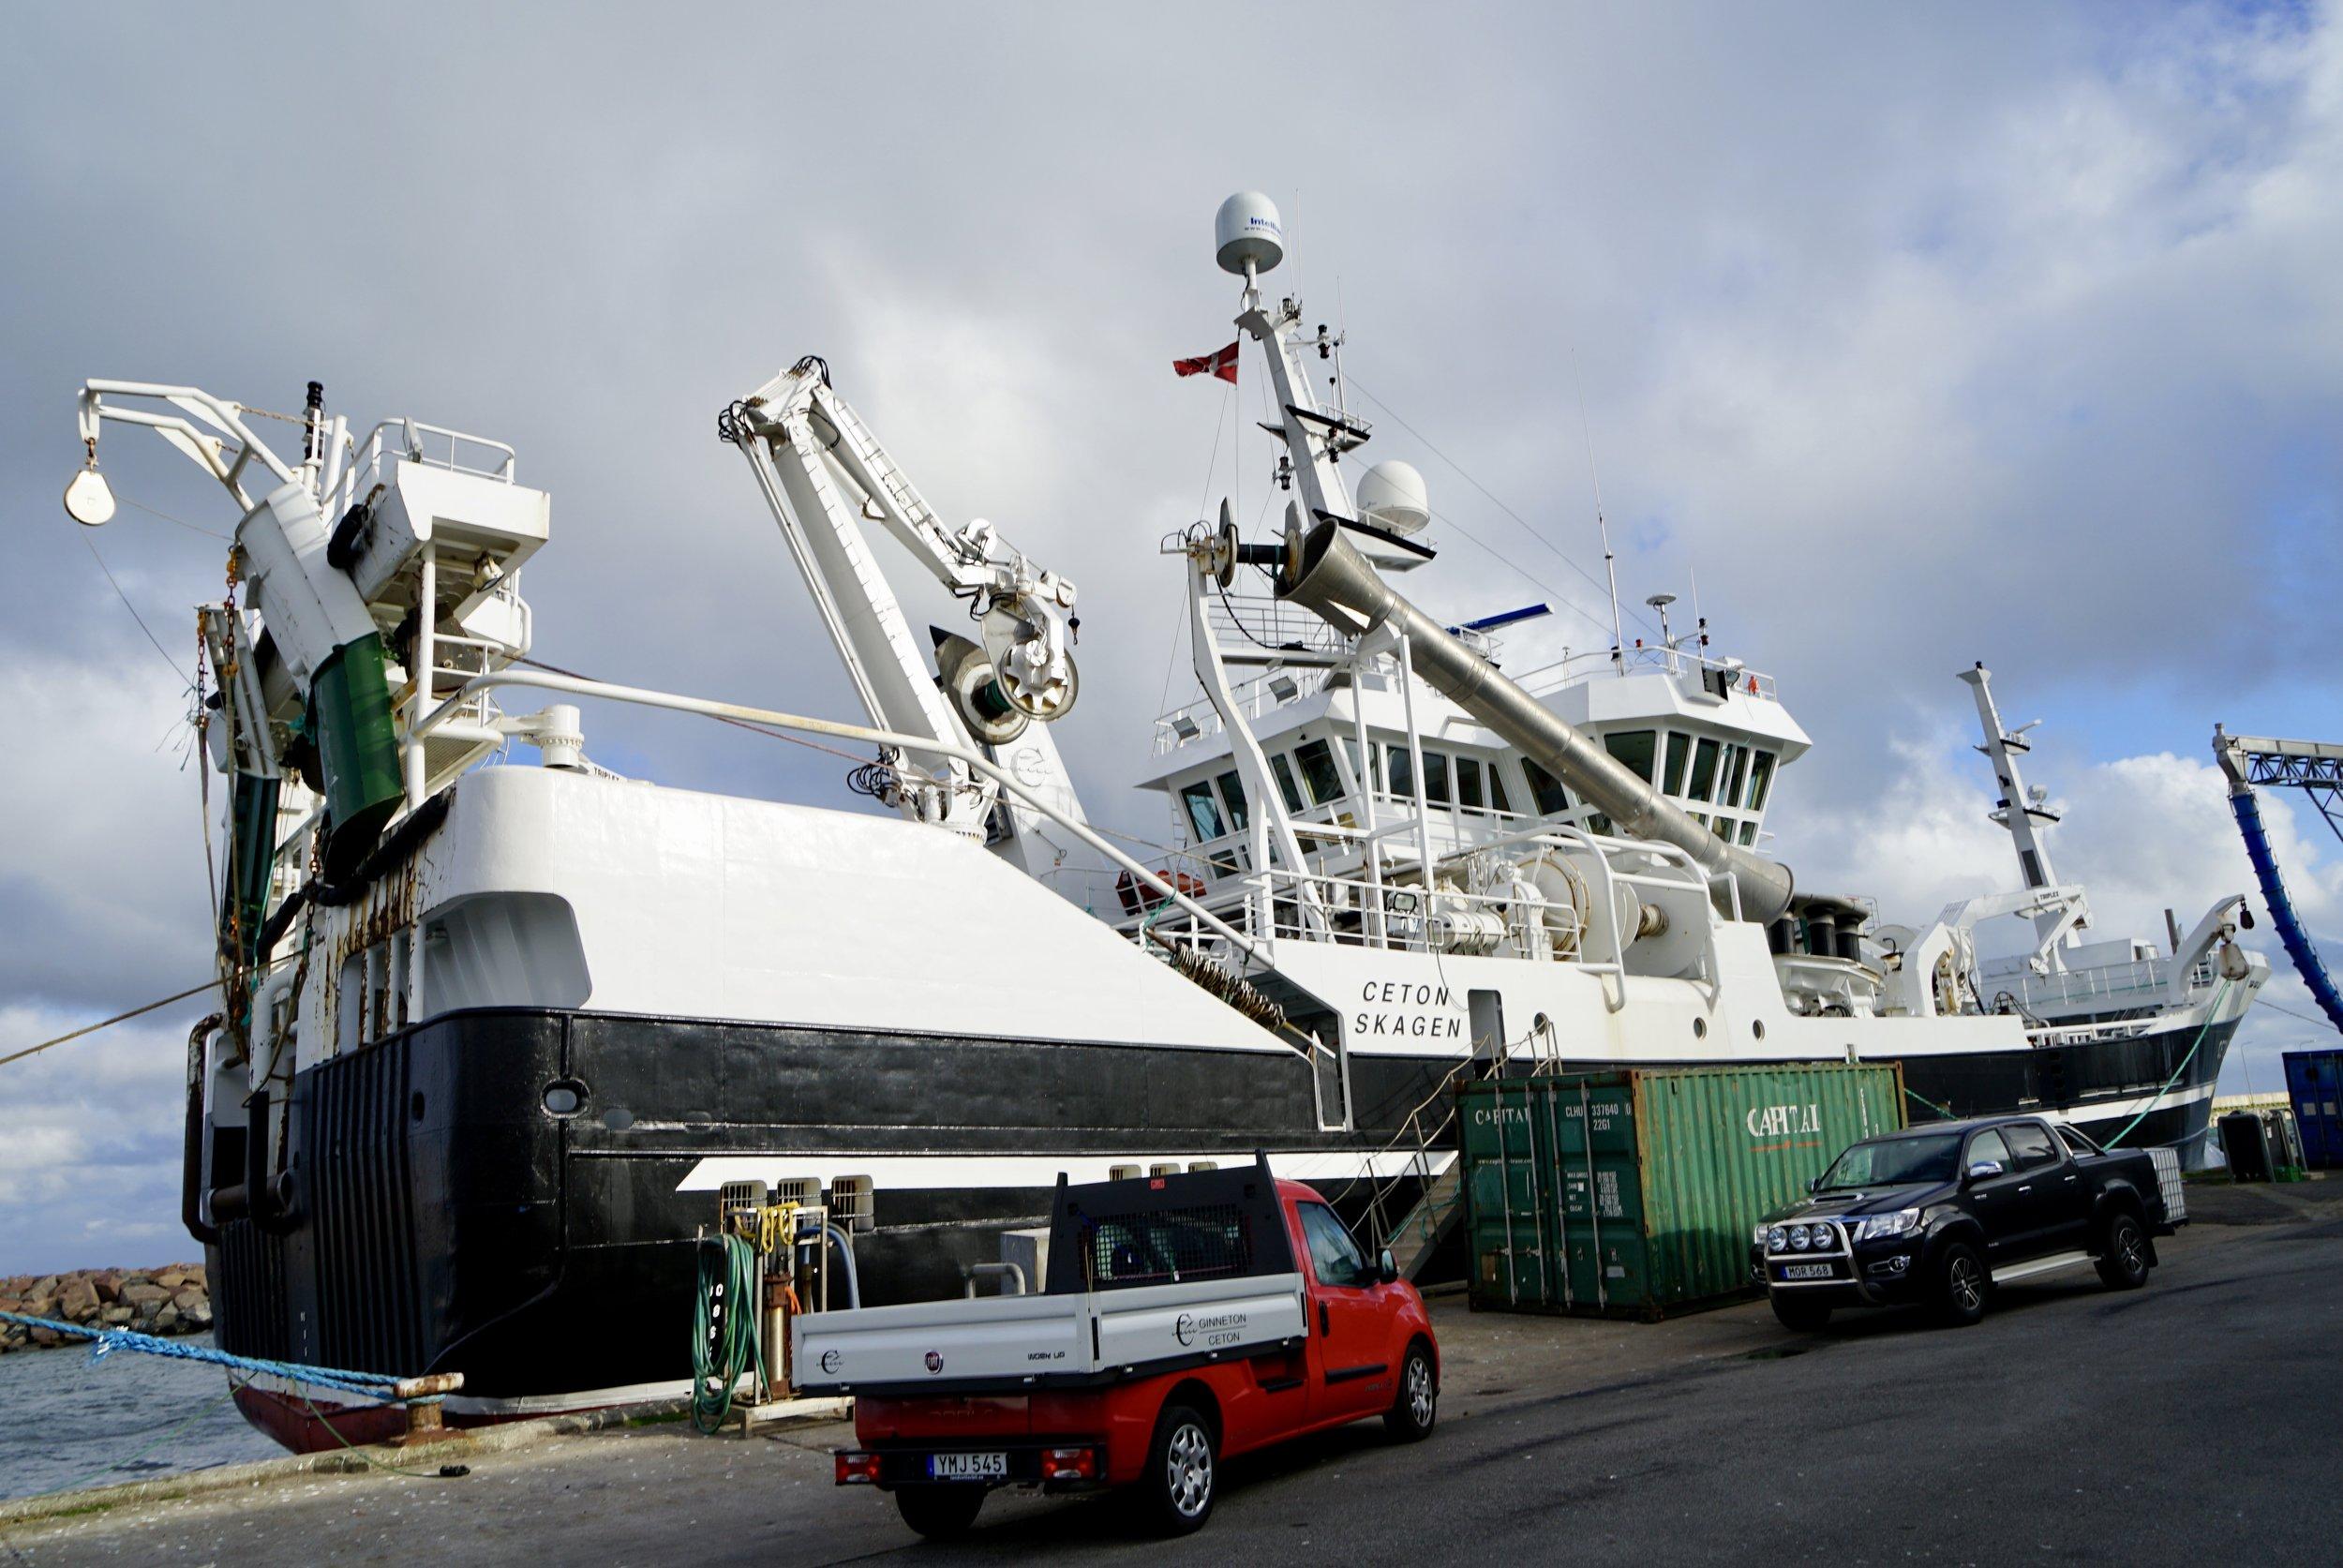 Ceton er 62,60 meter lang og 12,80 meter bred og blev bygget i 2006